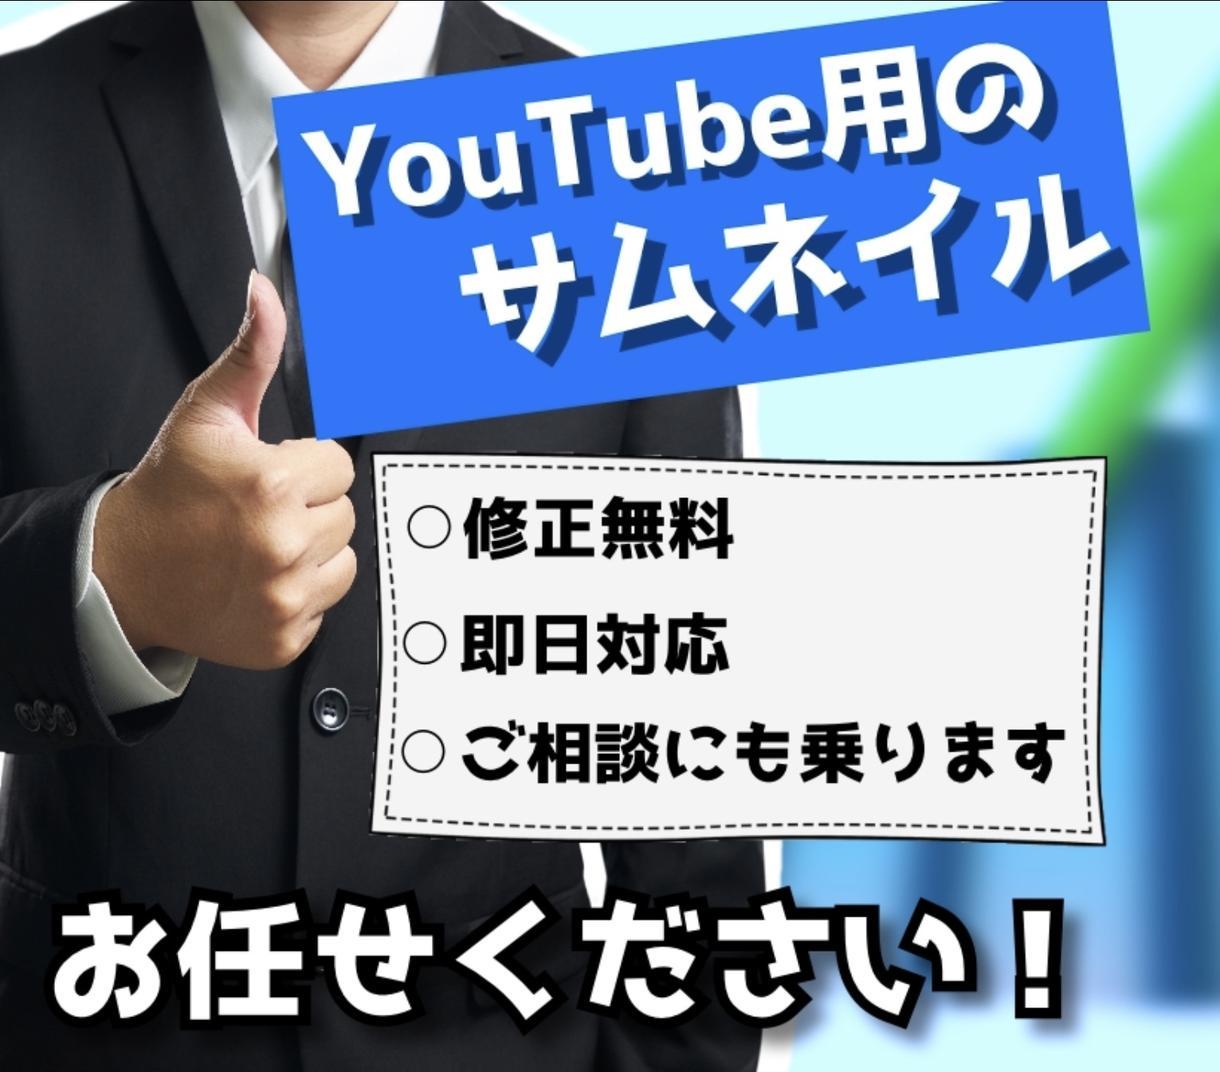 拘ったYouTube用サムネイルを作成します ココナラ最安値【1枚500円】でサムネイルをお作りします! イメージ1